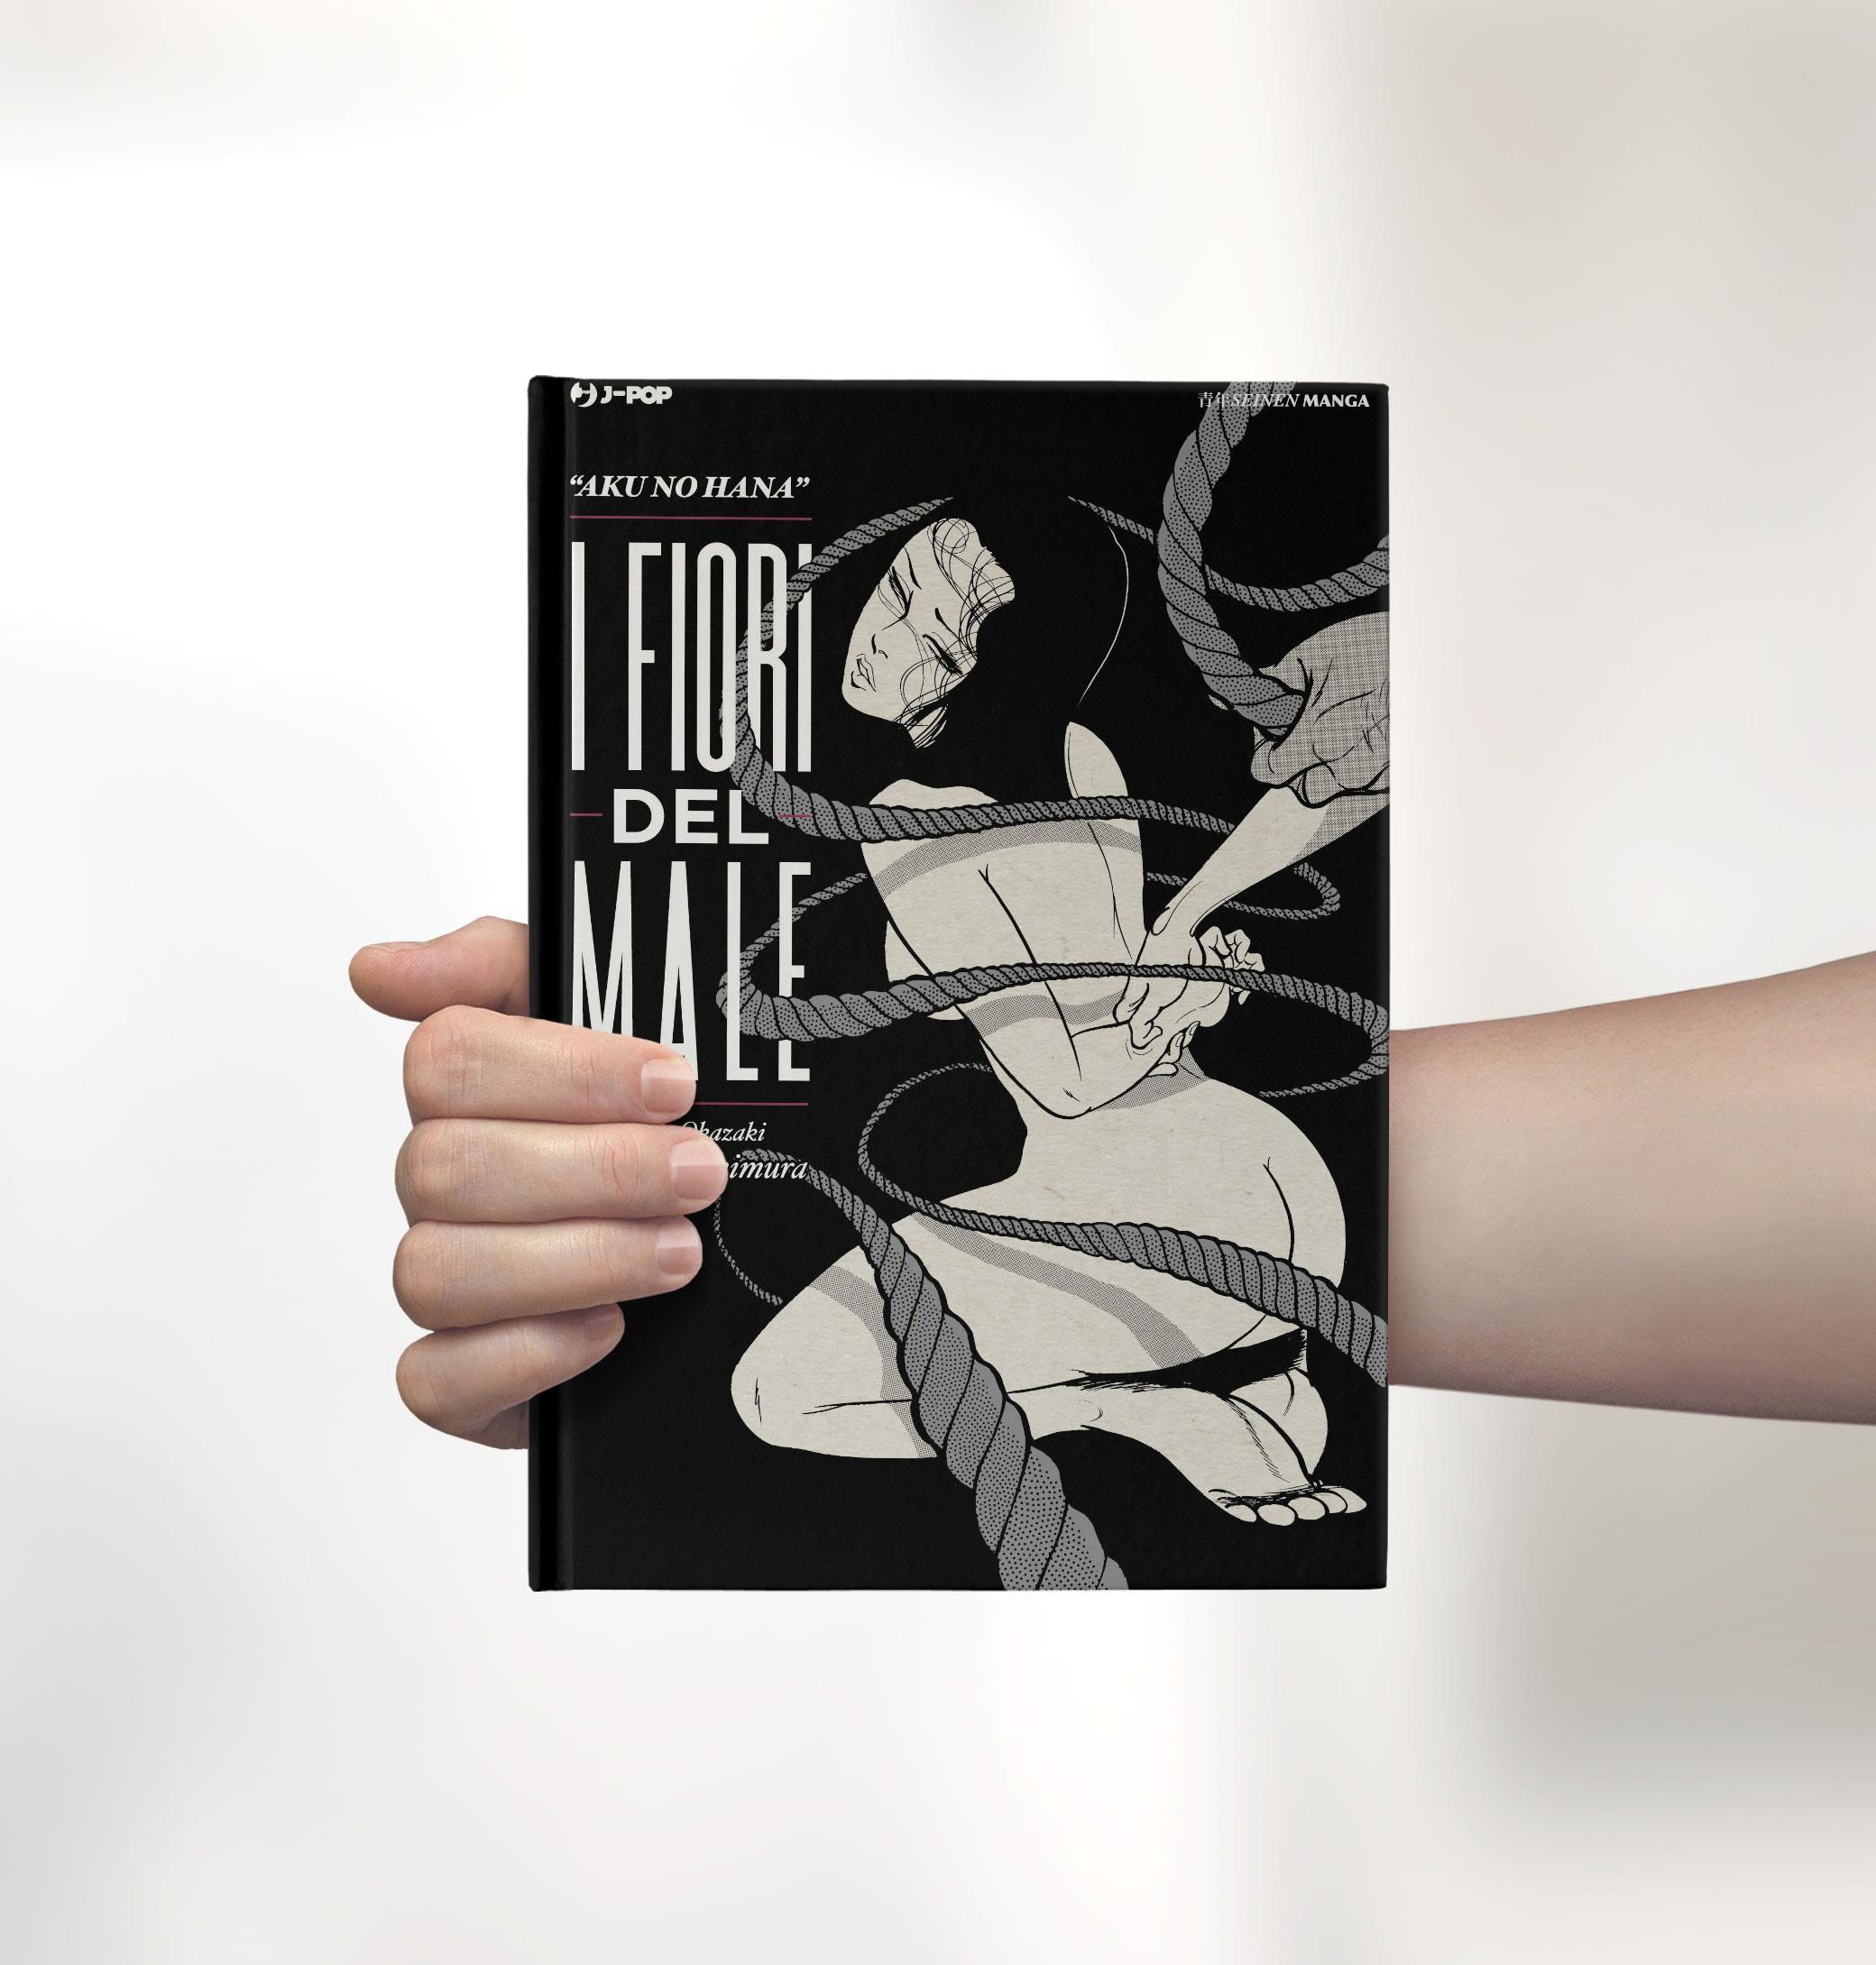 Manga Erotici - I fiori del male